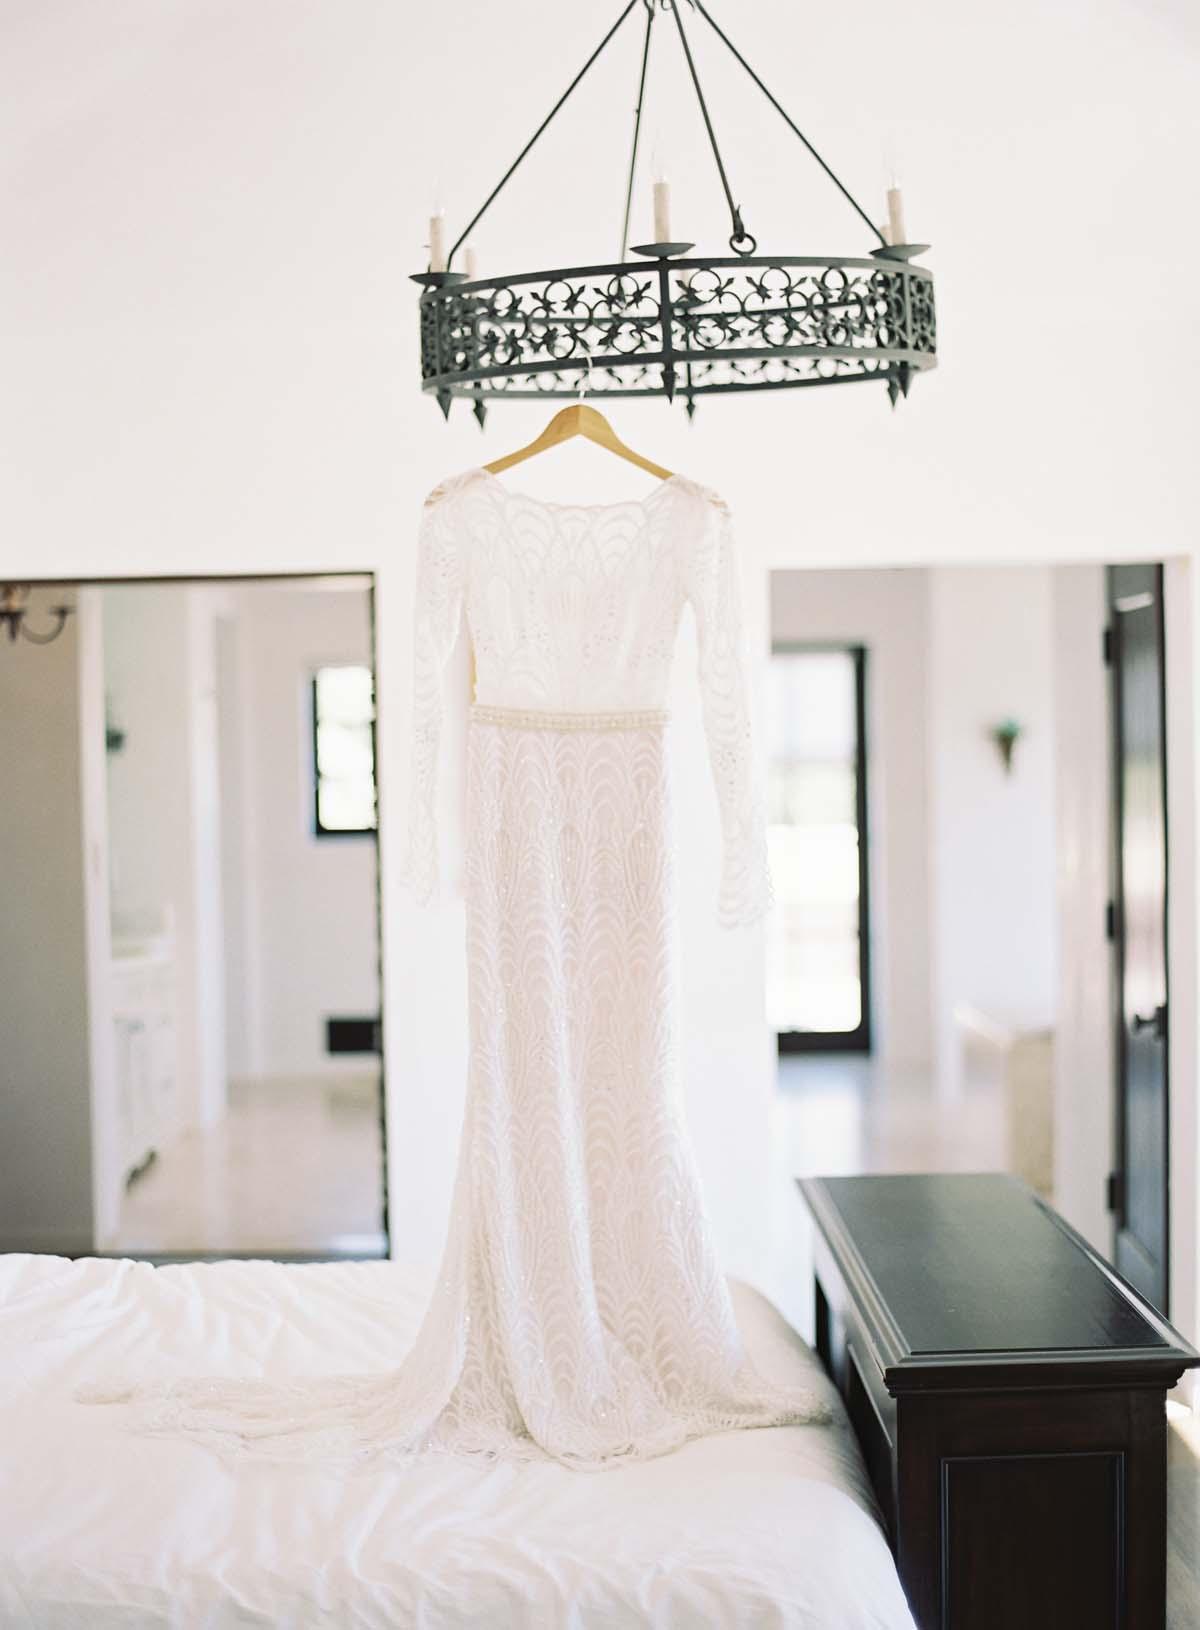 XOXO-BRIDE-EVENTS_Braedon-Flynn-Photography-02